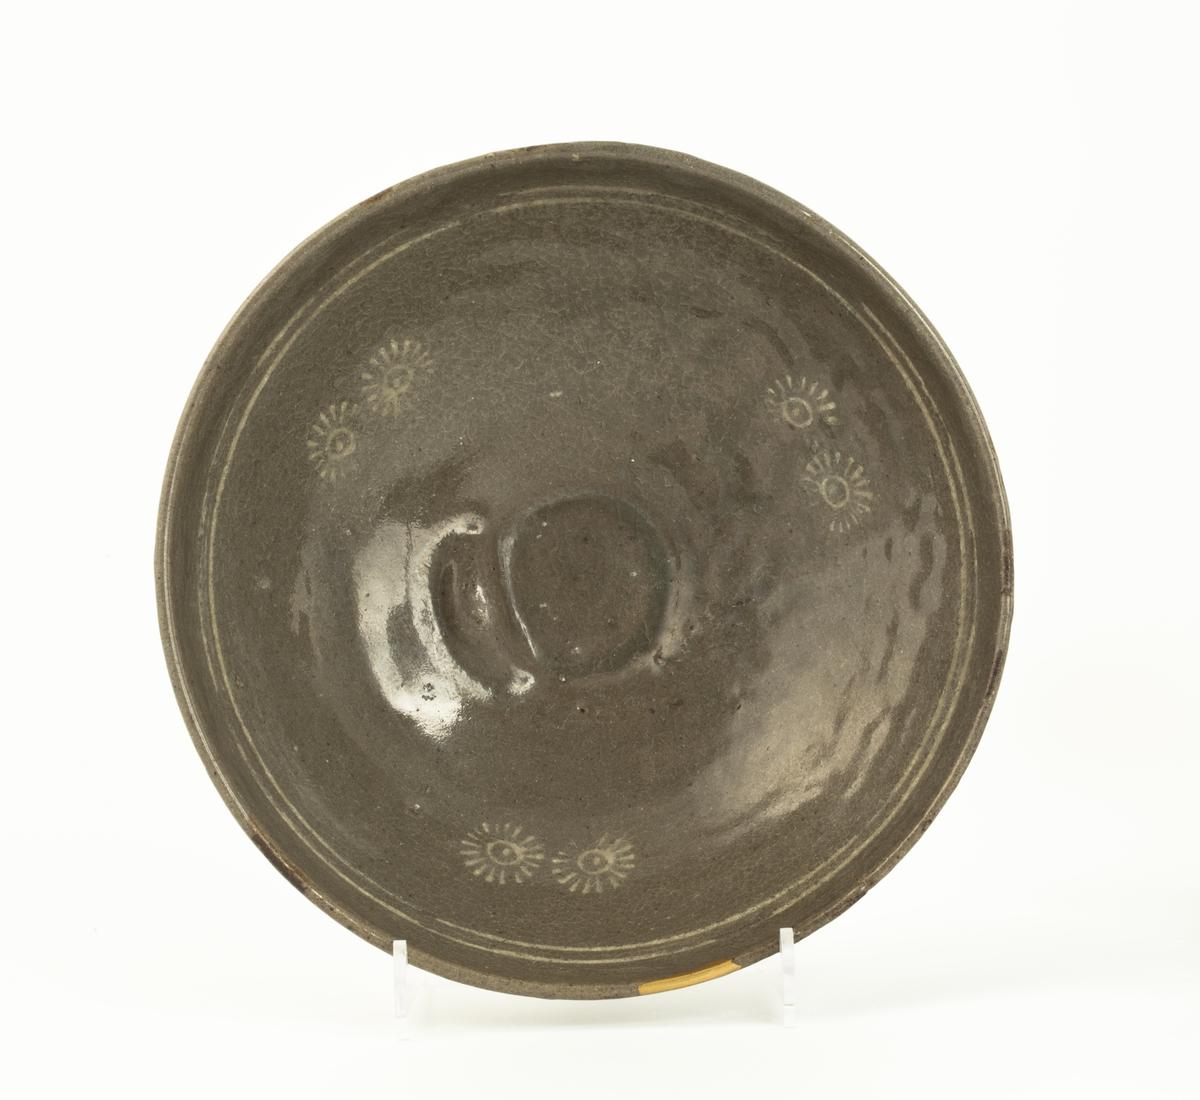 o konsentriske sirkler danner en dekorativ bord i øvre del av bollens innside. Under finner vi tre grupper krysantemum med to krysantemer i hver gruppe. Dekoren er hvit.